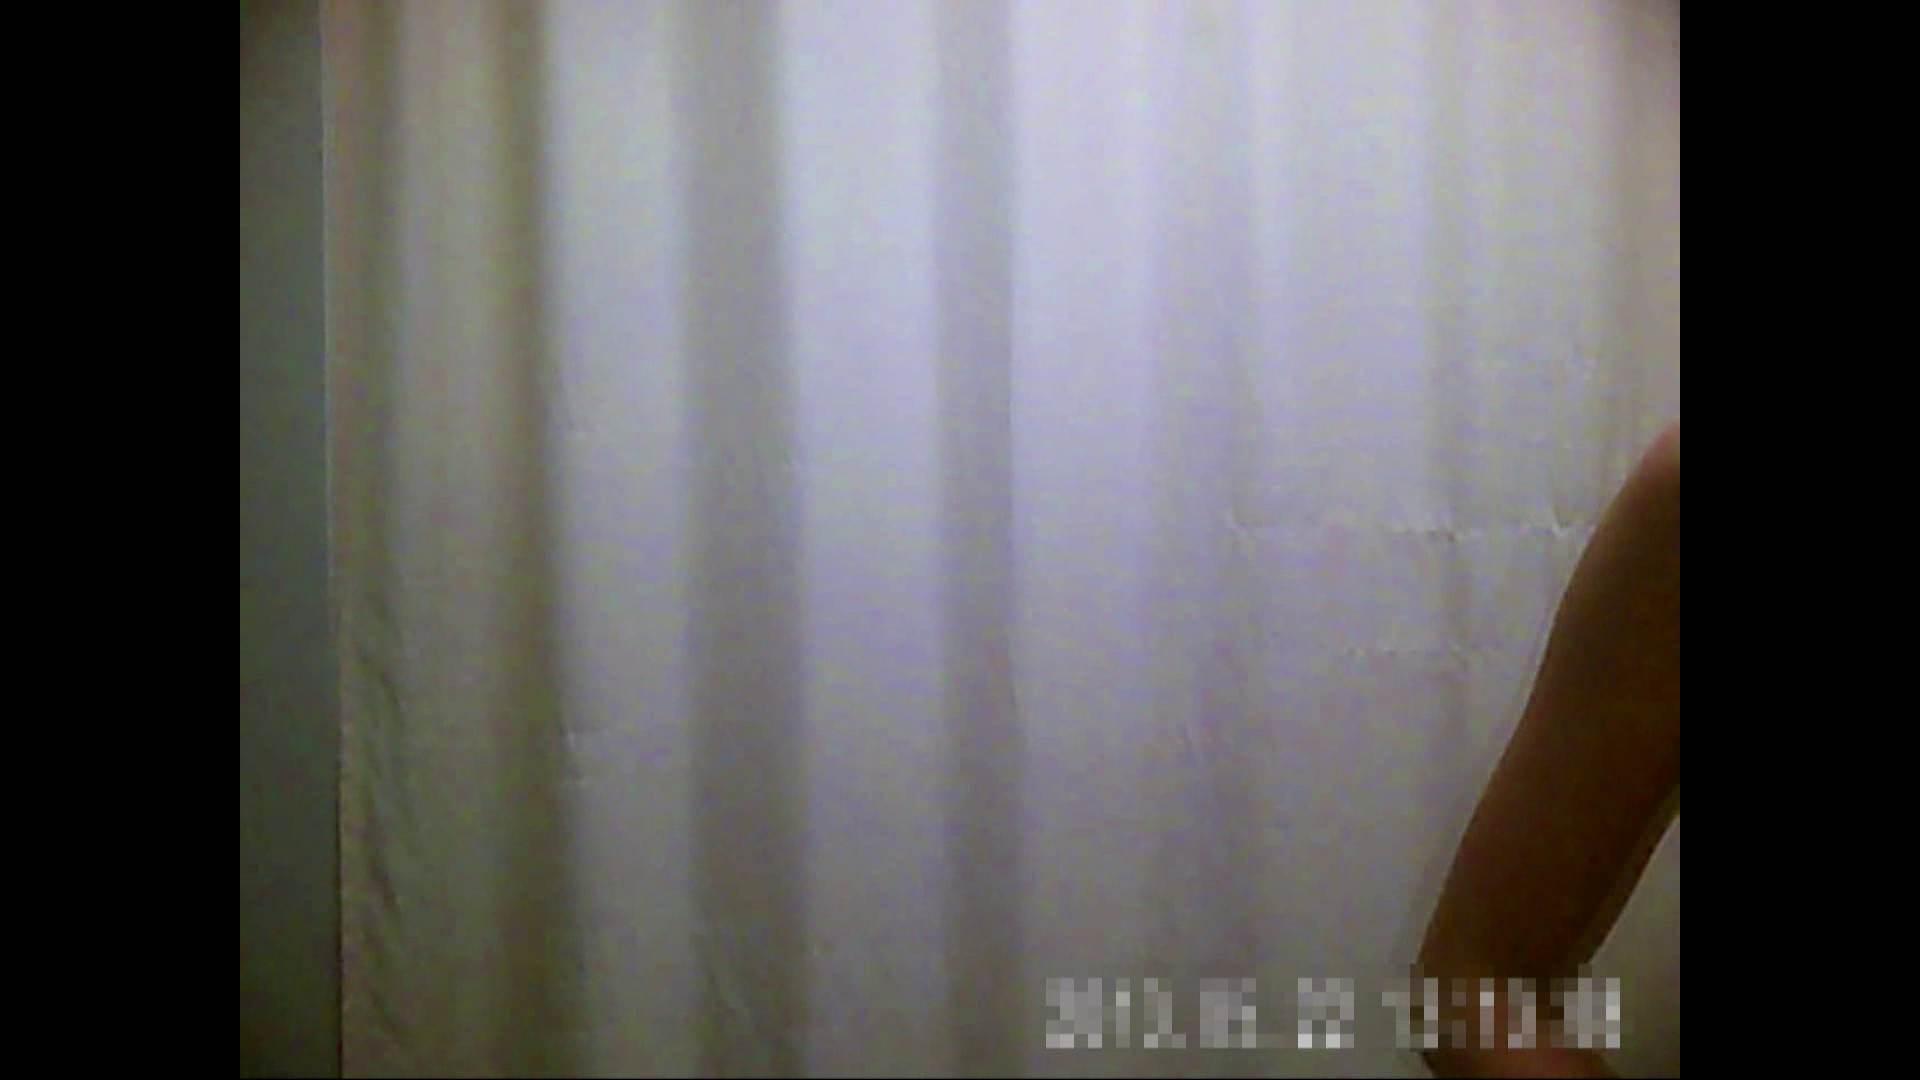 元医者による反抗 更衣室地獄絵巻 vol.045 エッチなお姉さん ワレメ動画紹介 103画像 35